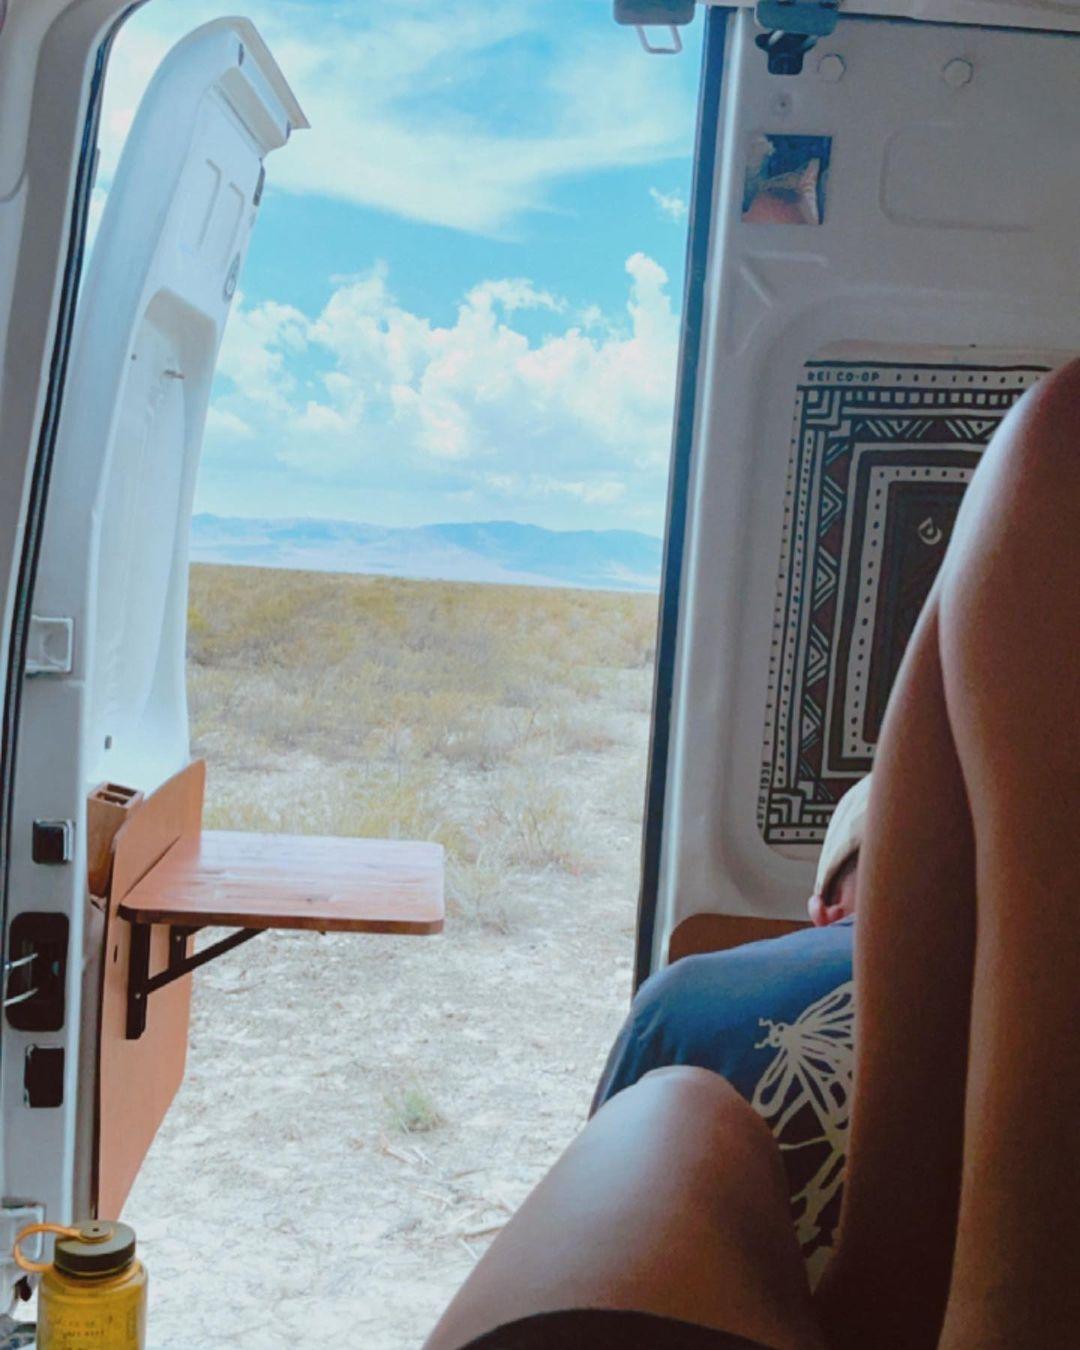 恩爱情侣开房车环游美国,结果两个月后,只有一个人回家…